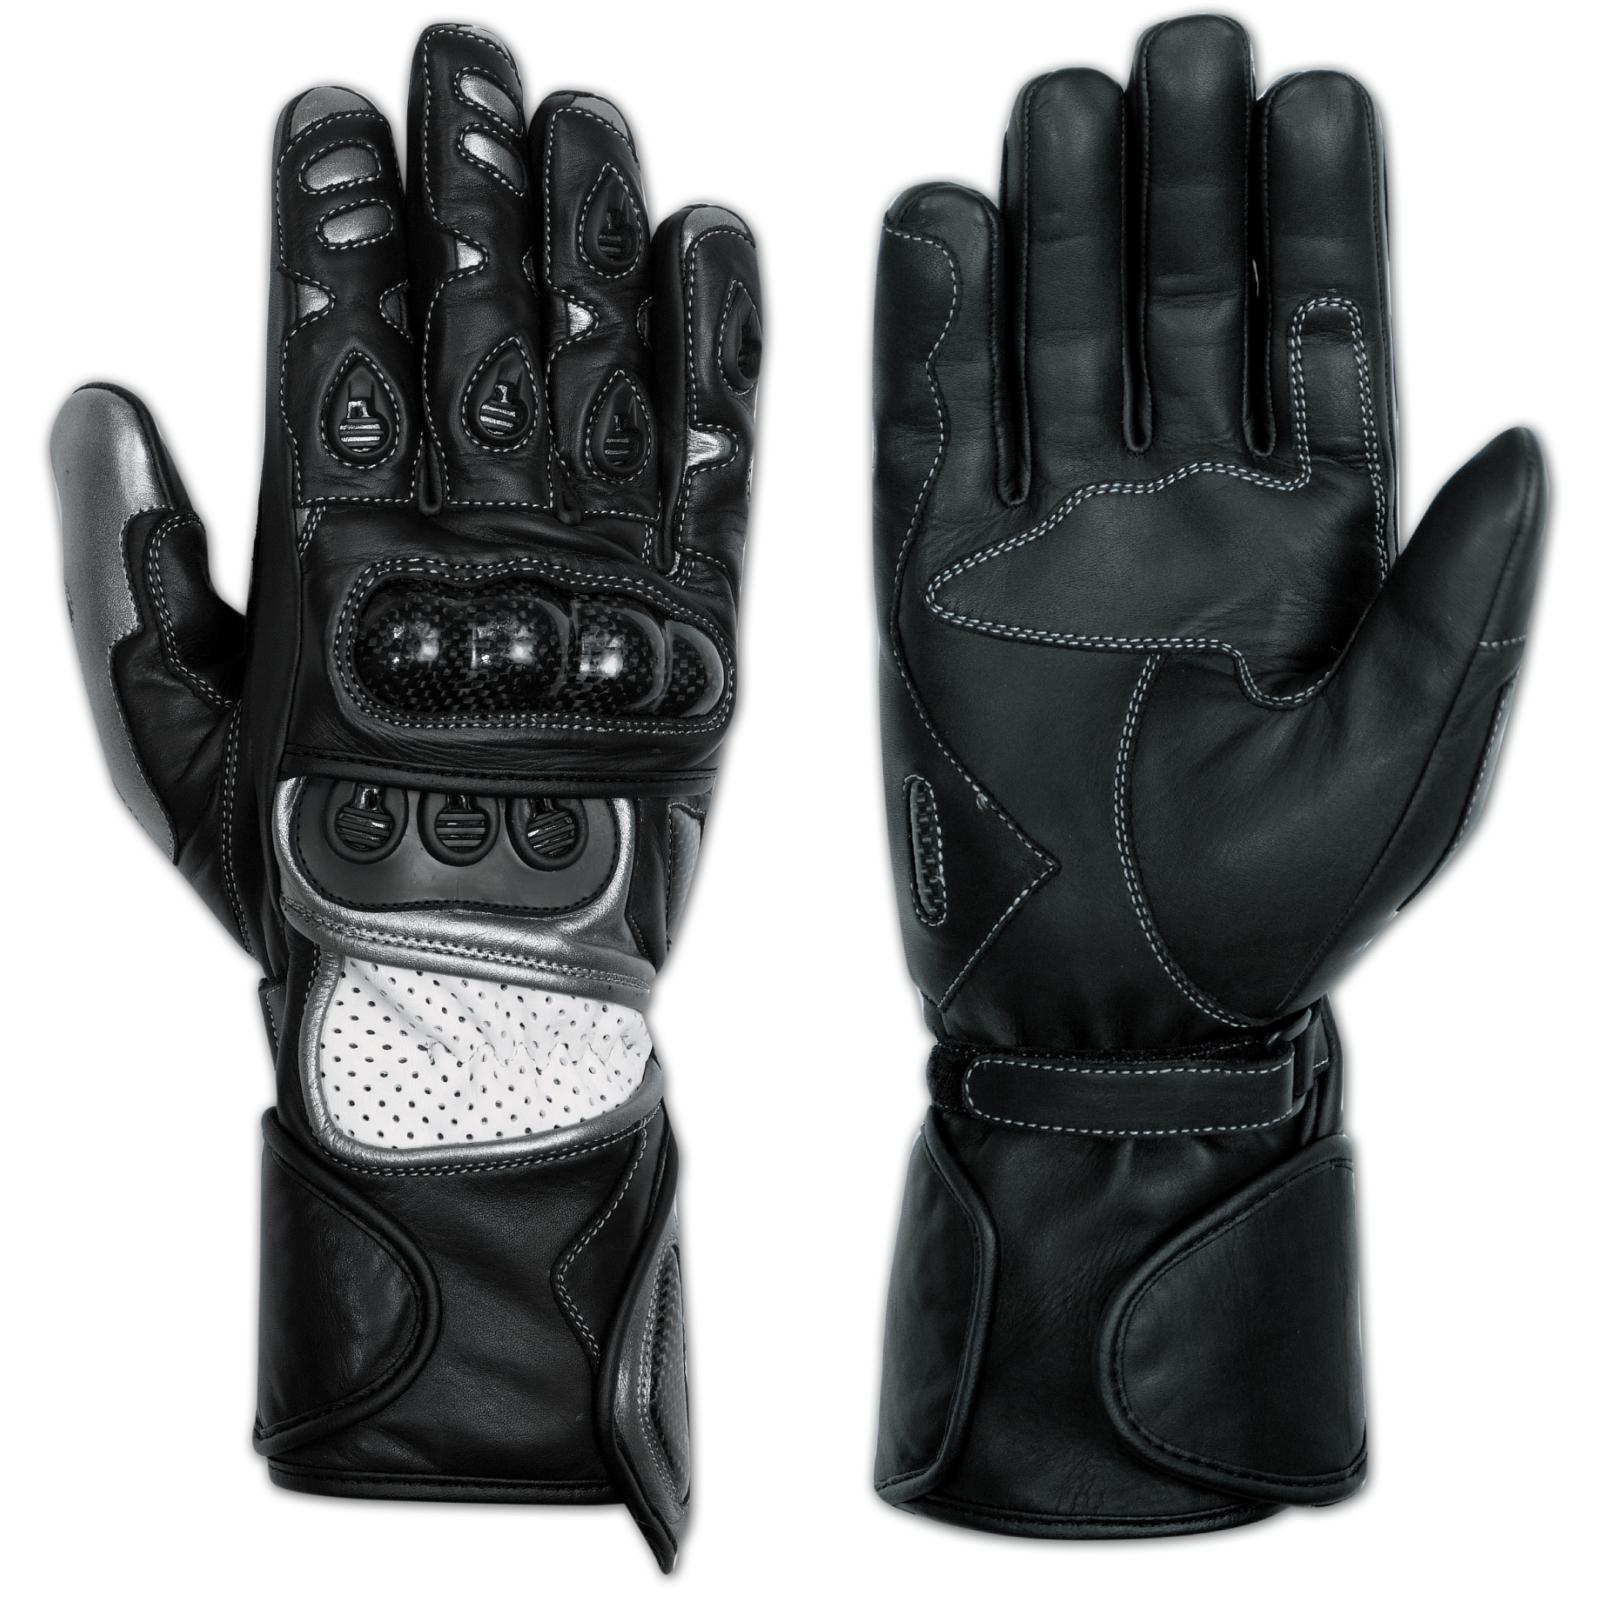 Gants-Accessoires-Vetements-Moto-Motard-Cuir-Resistant-Coque-Carbone-Protection